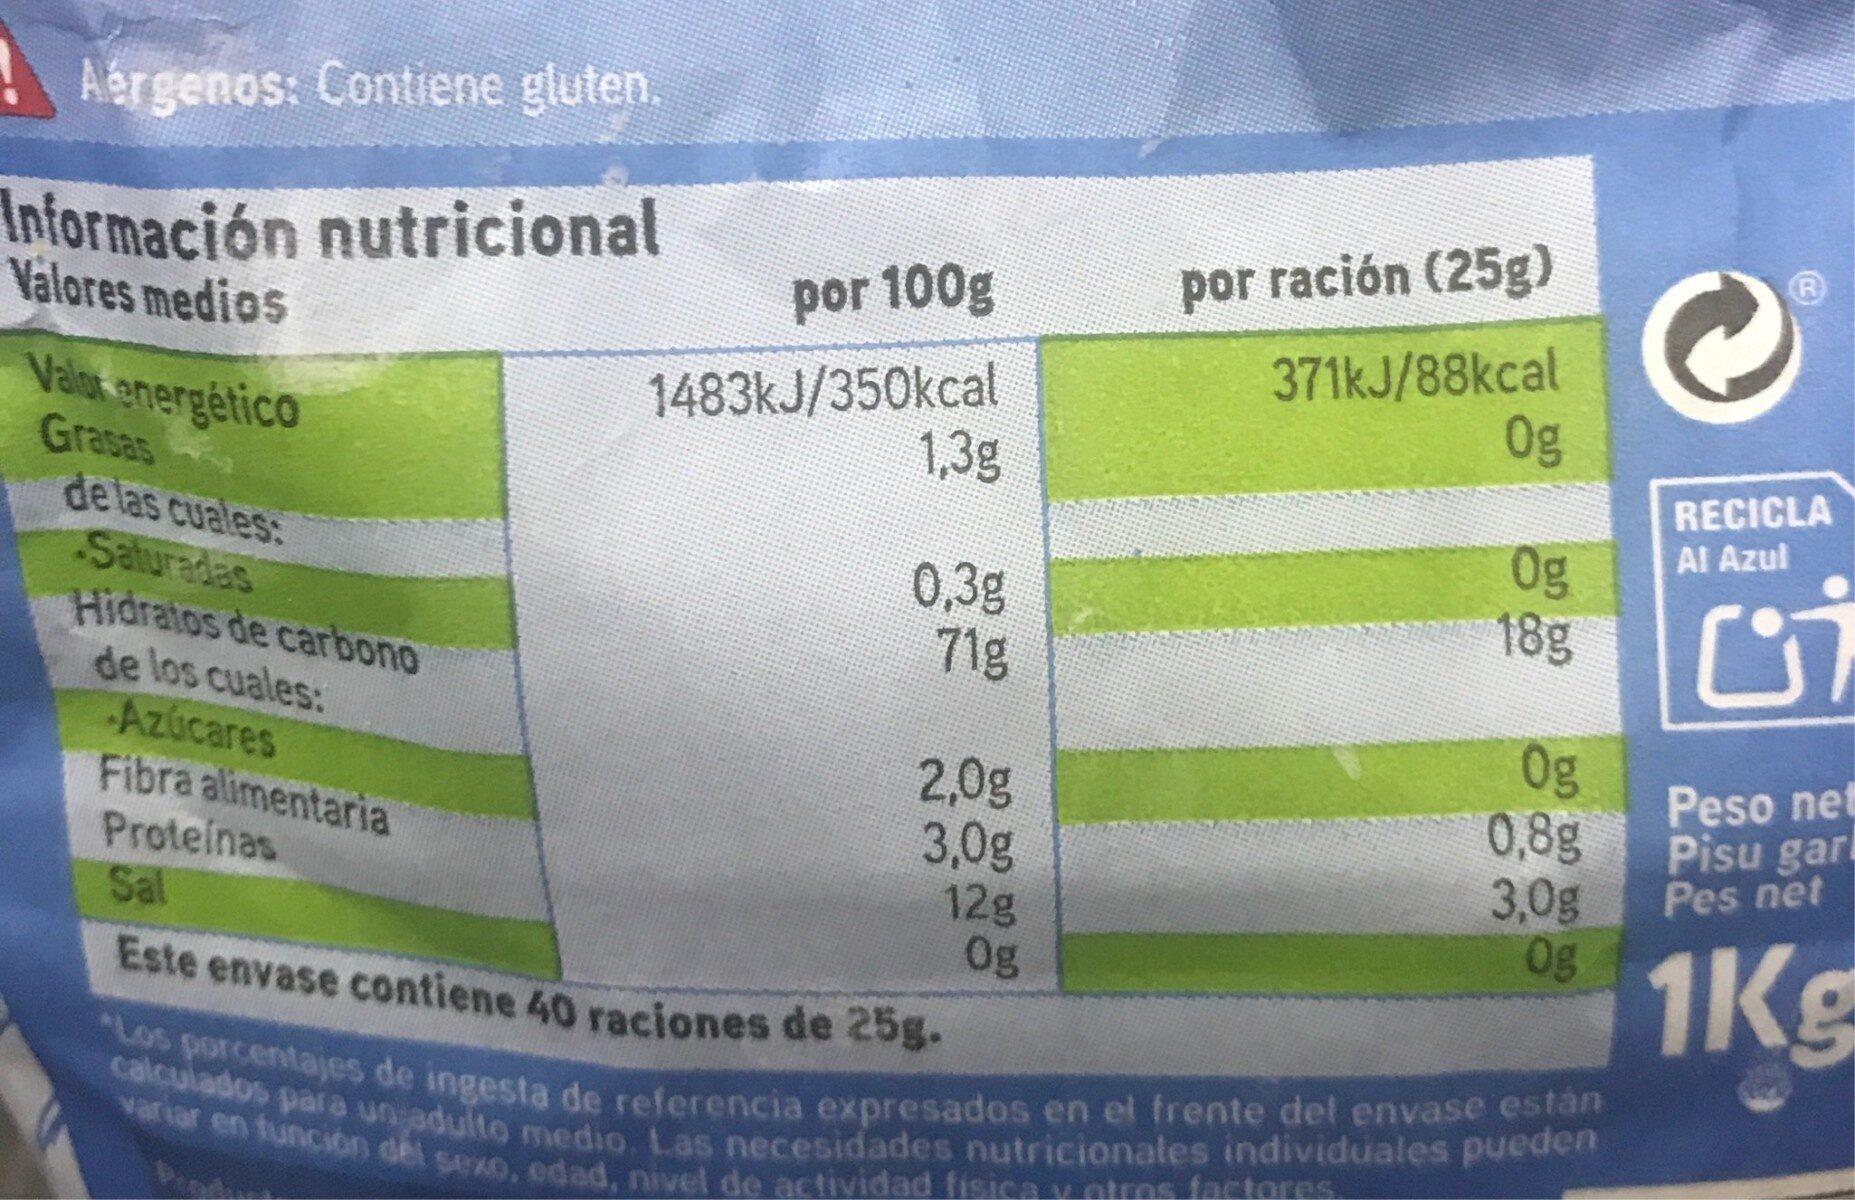 Harina de trigo fuerza - Nutrition facts - es